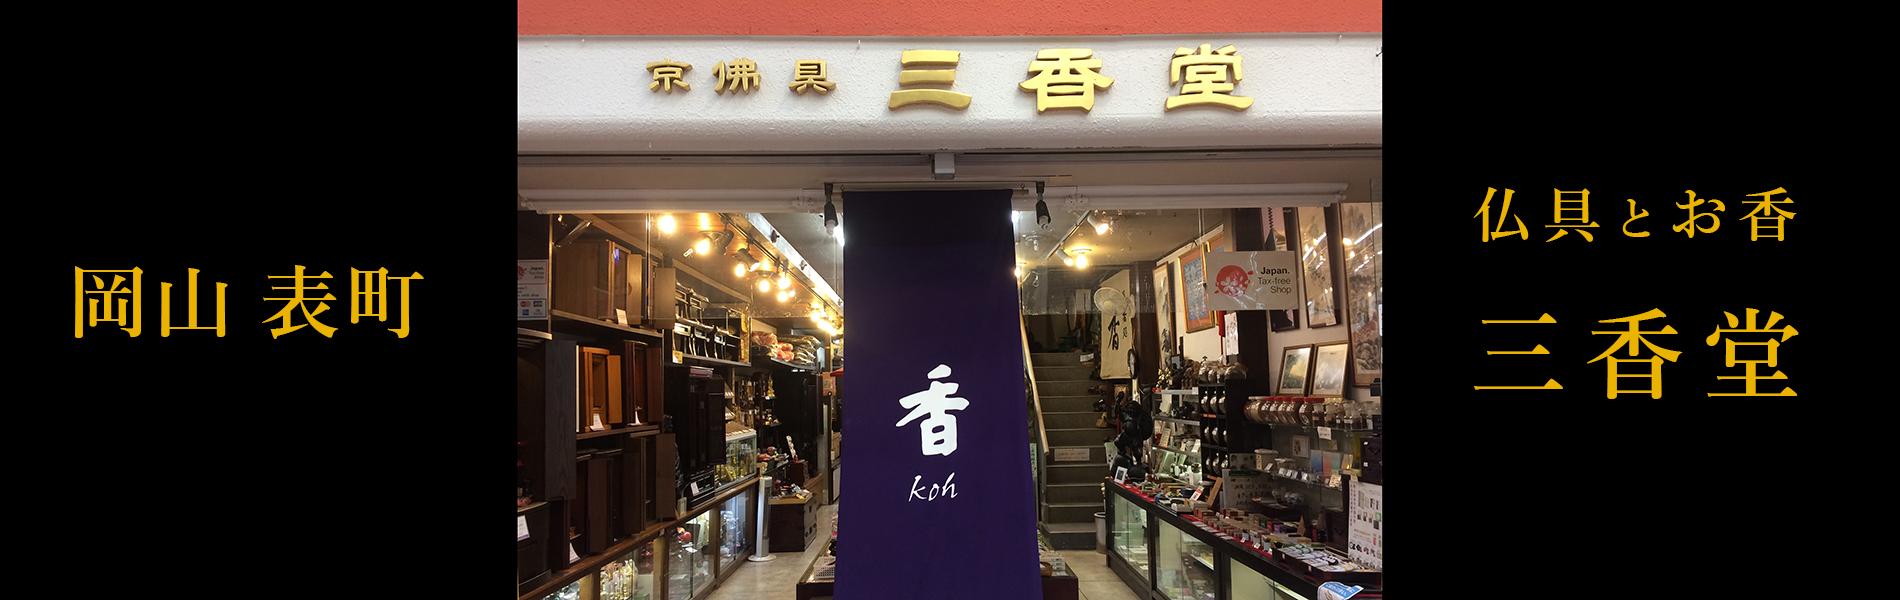 岡山表町 三香堂 店頭写真